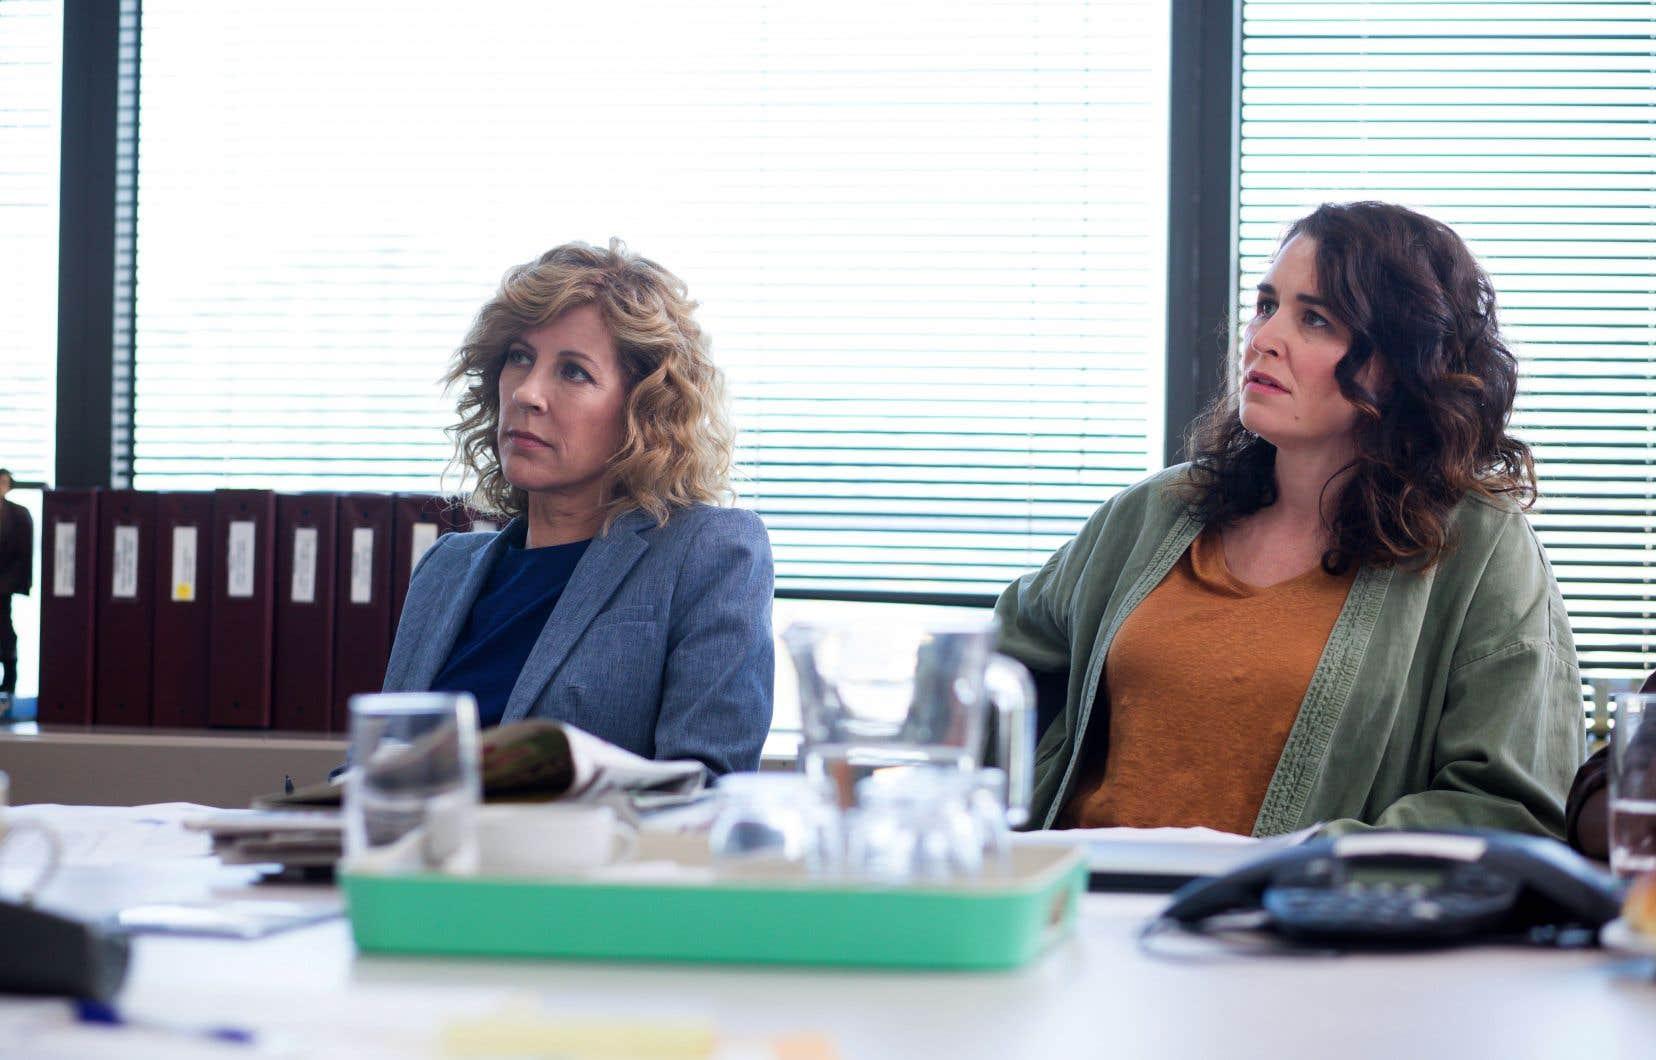 Mettant en vedette Sophie Lorain (à gauche), cette nouvelle saison respire mieux et laisse entrevoir aux téléspectateurs un peu plus de lumière.